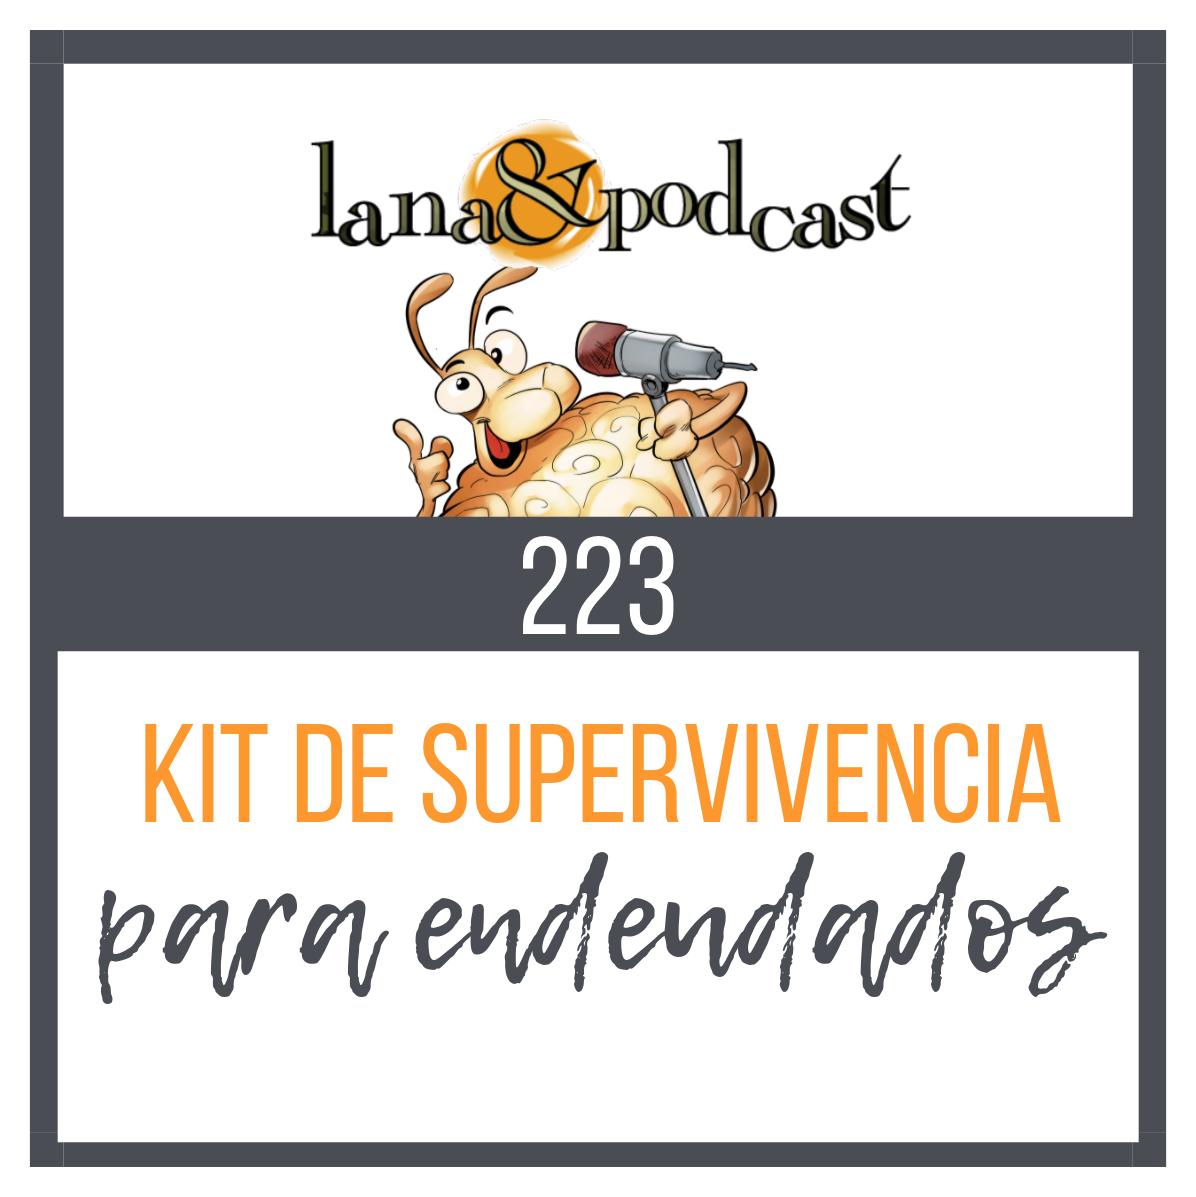 Kit de supervivenica para endeudados #223